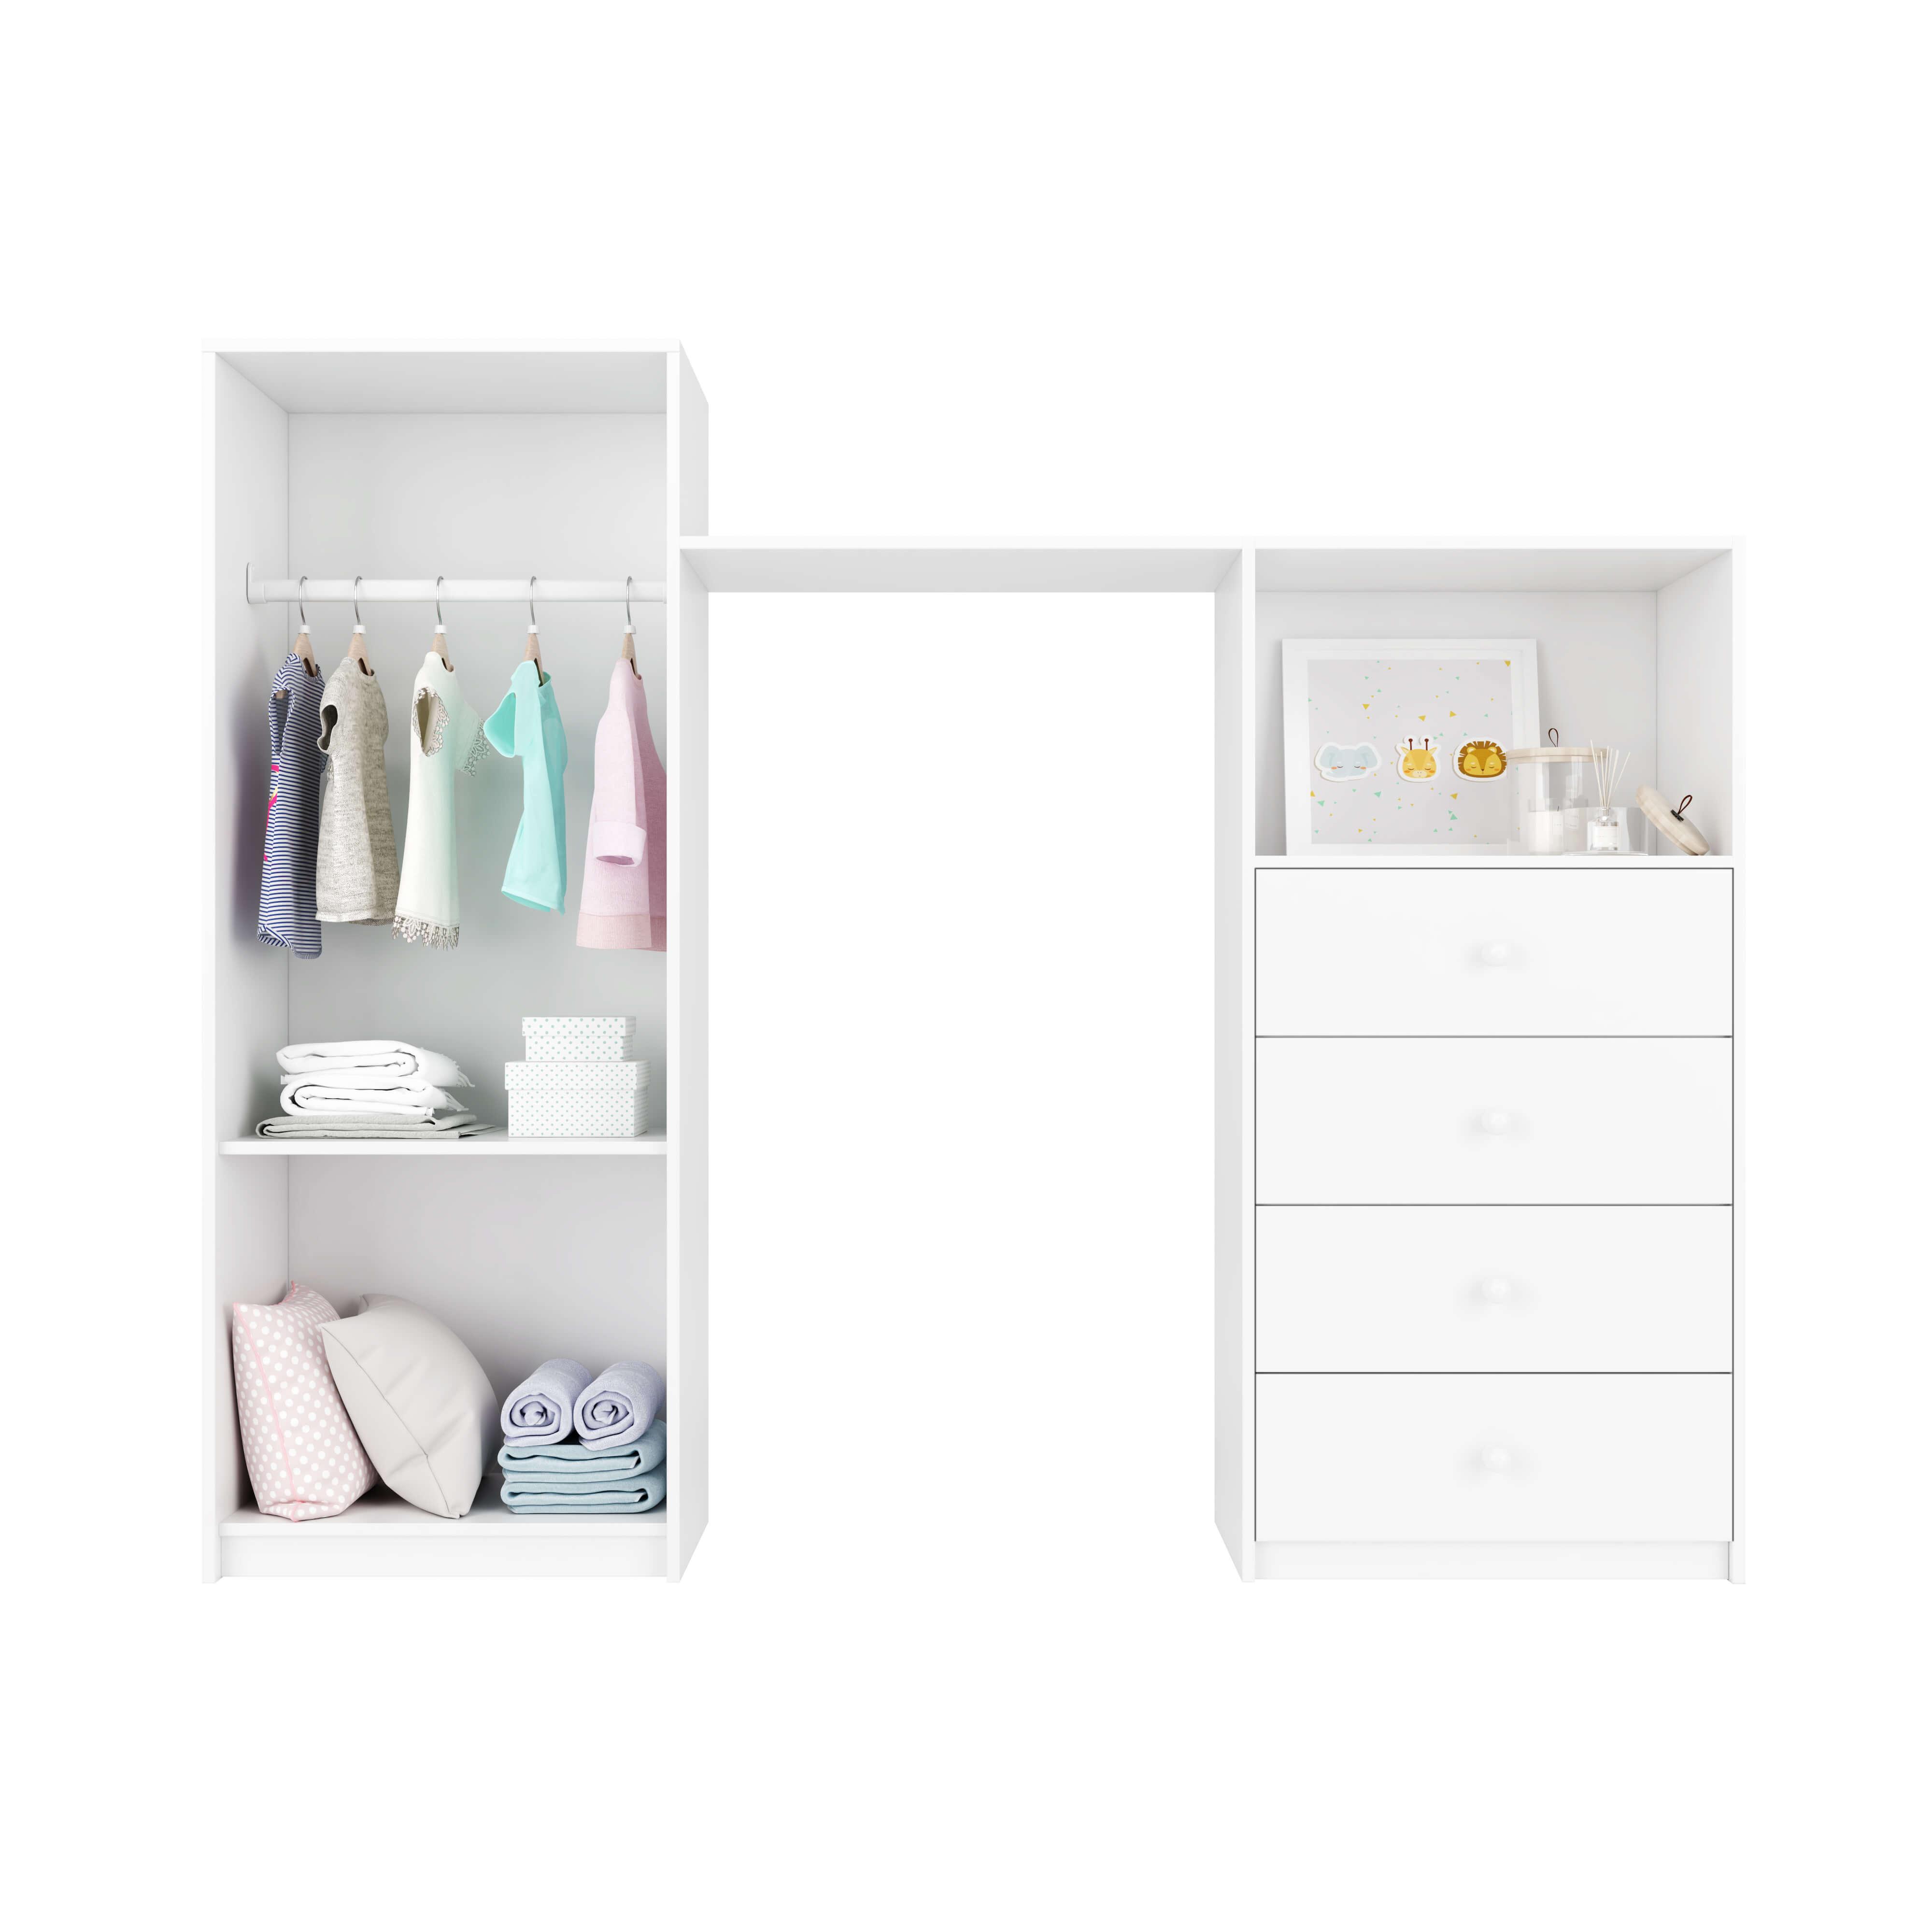 Divisão do espaço interno ideal para guardar as coisinhas do bebê.